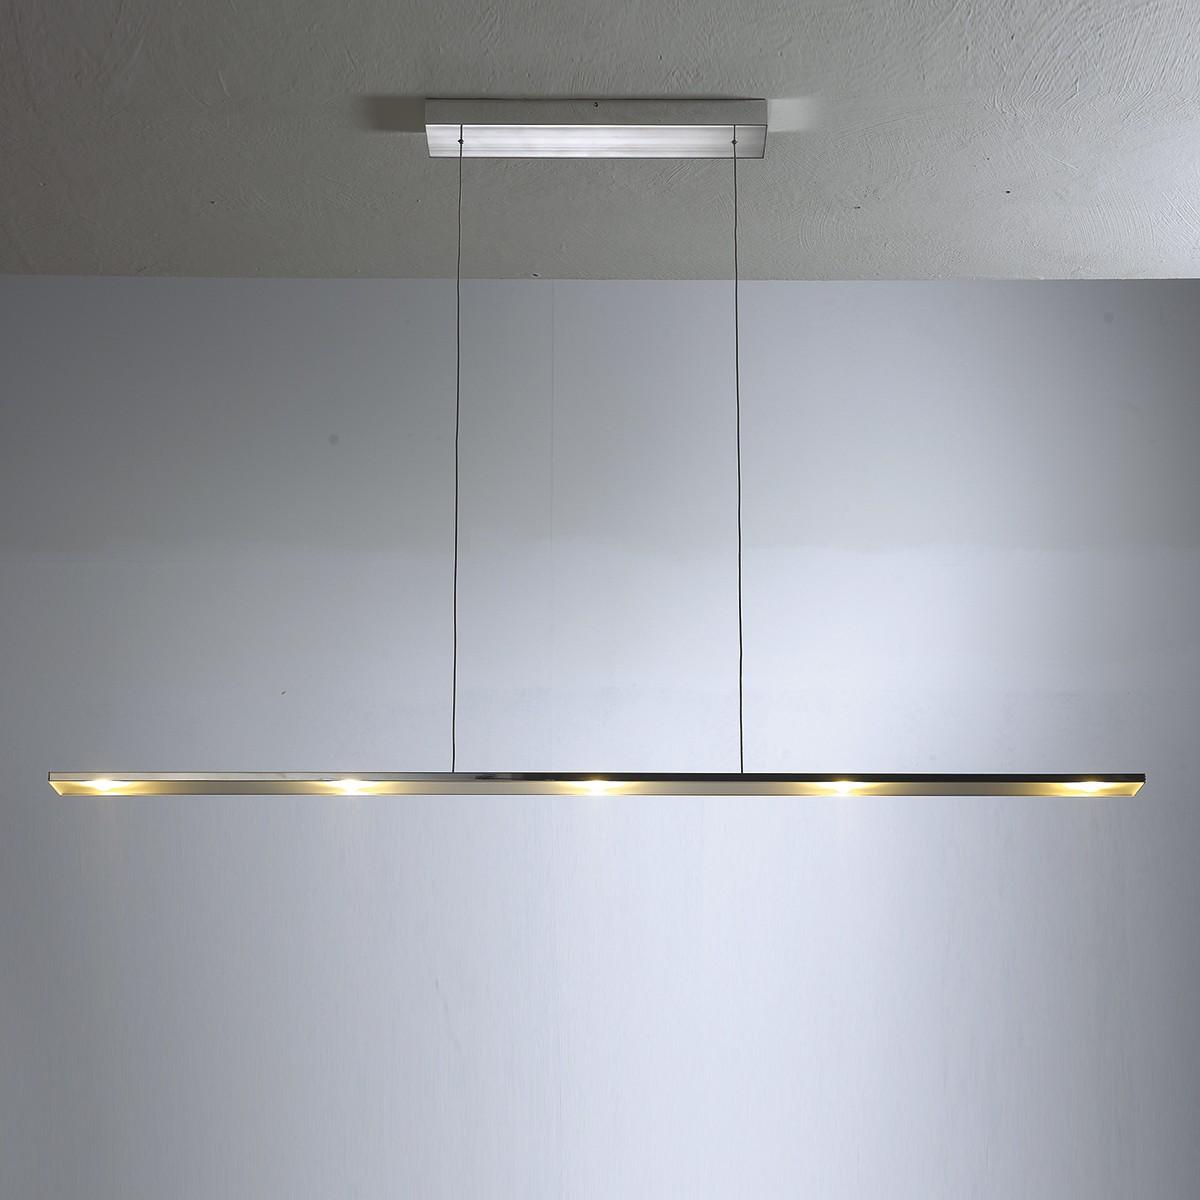 Bopp LEDs Go Pendelleuchte 6-flg., Aluminium geschliffen, extern dimmbar